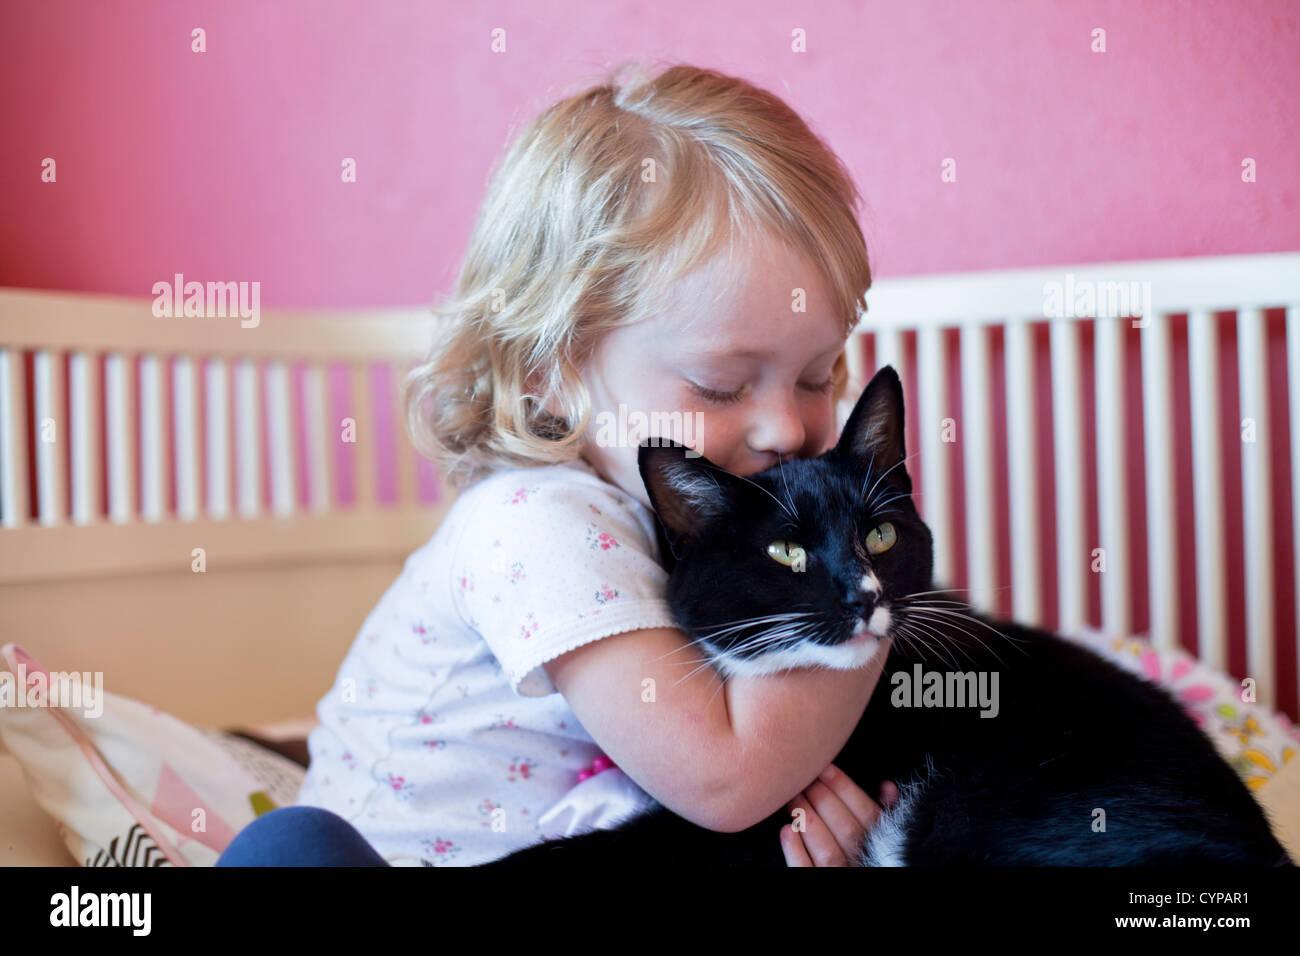 Il Toddler girl abbracciando il suo gatto. Immagini Stock